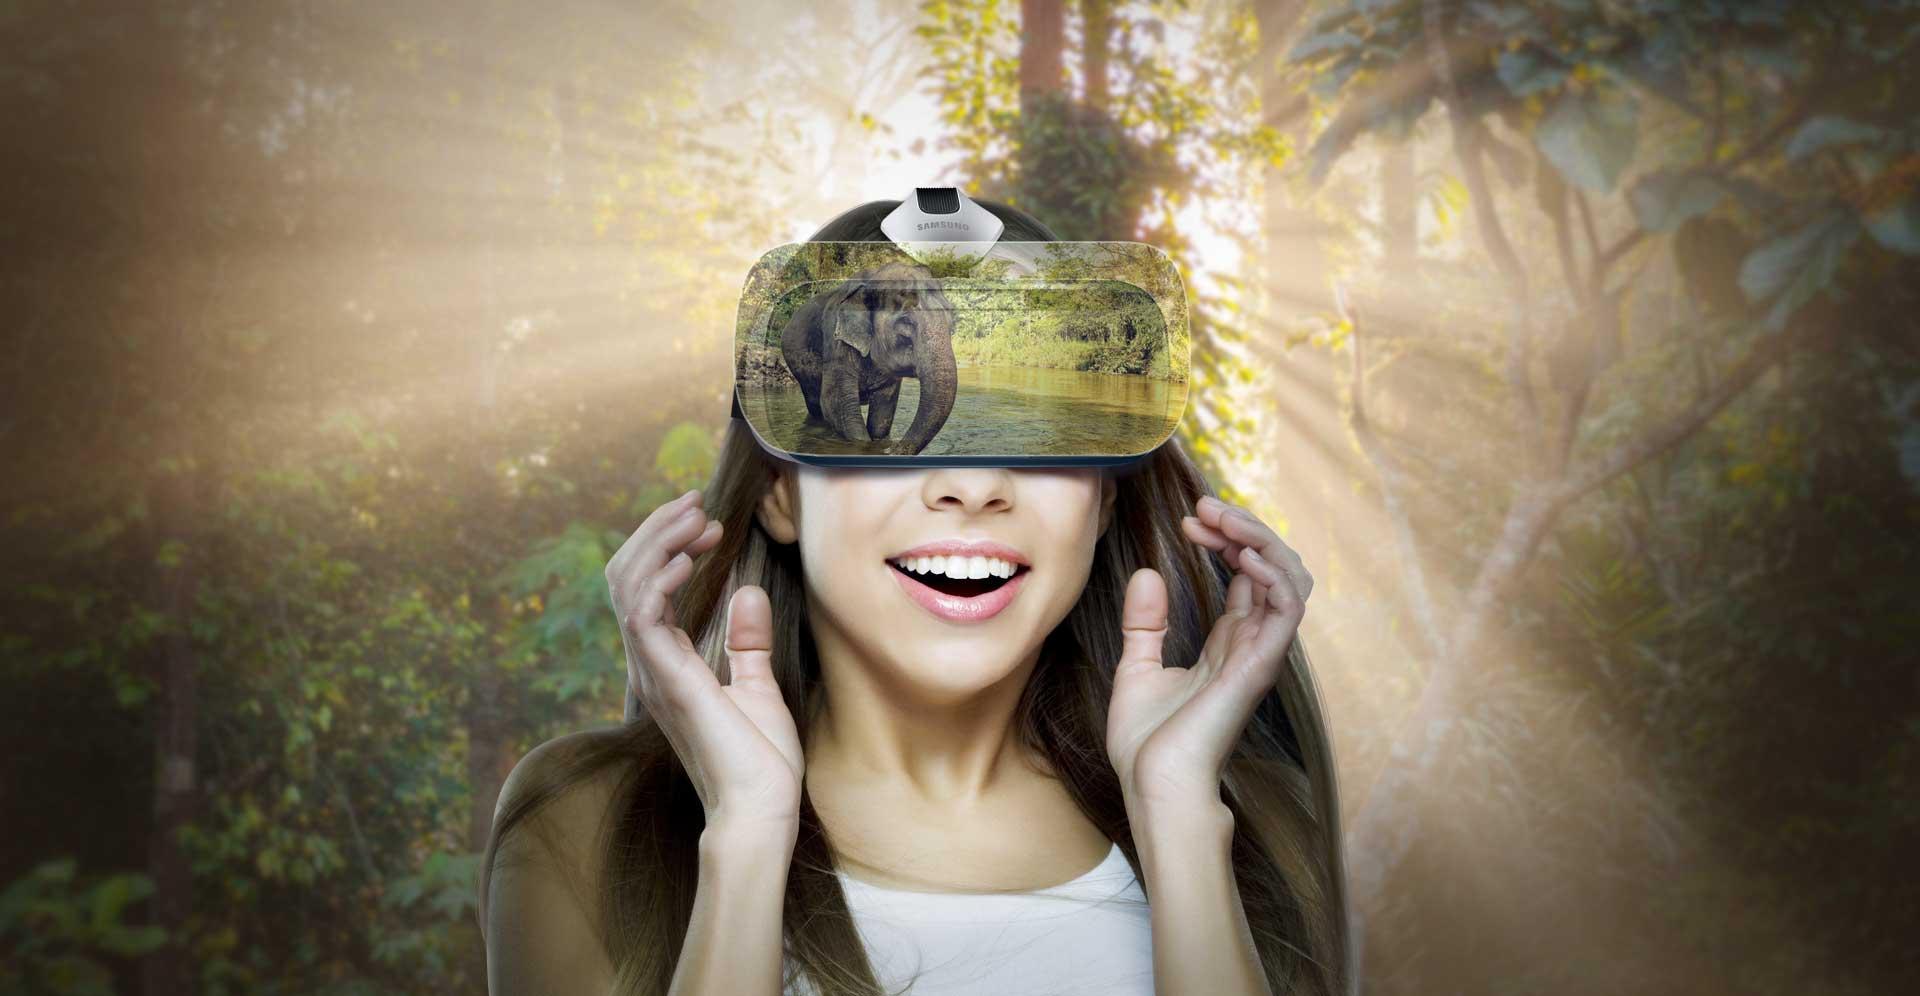 梦幻般虚拟现实体验,你准备好了吗图片